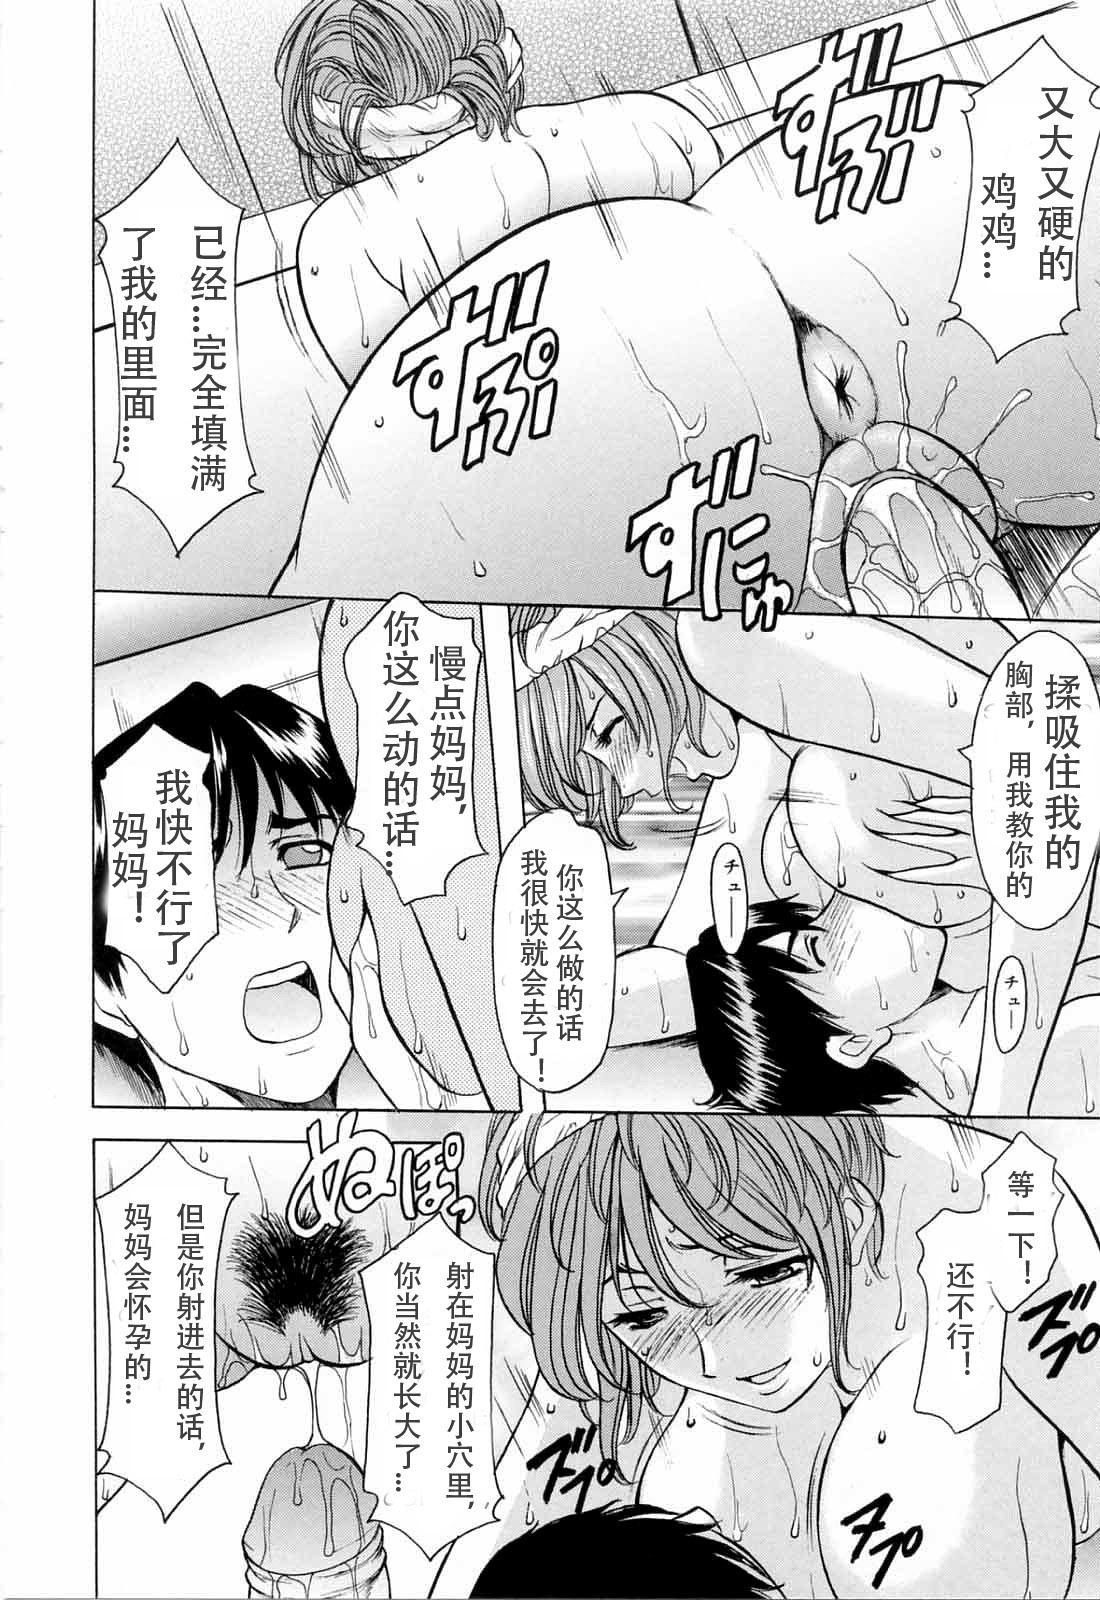 Yoiko no Seikyouiku | Yoiko's Sex Education 4